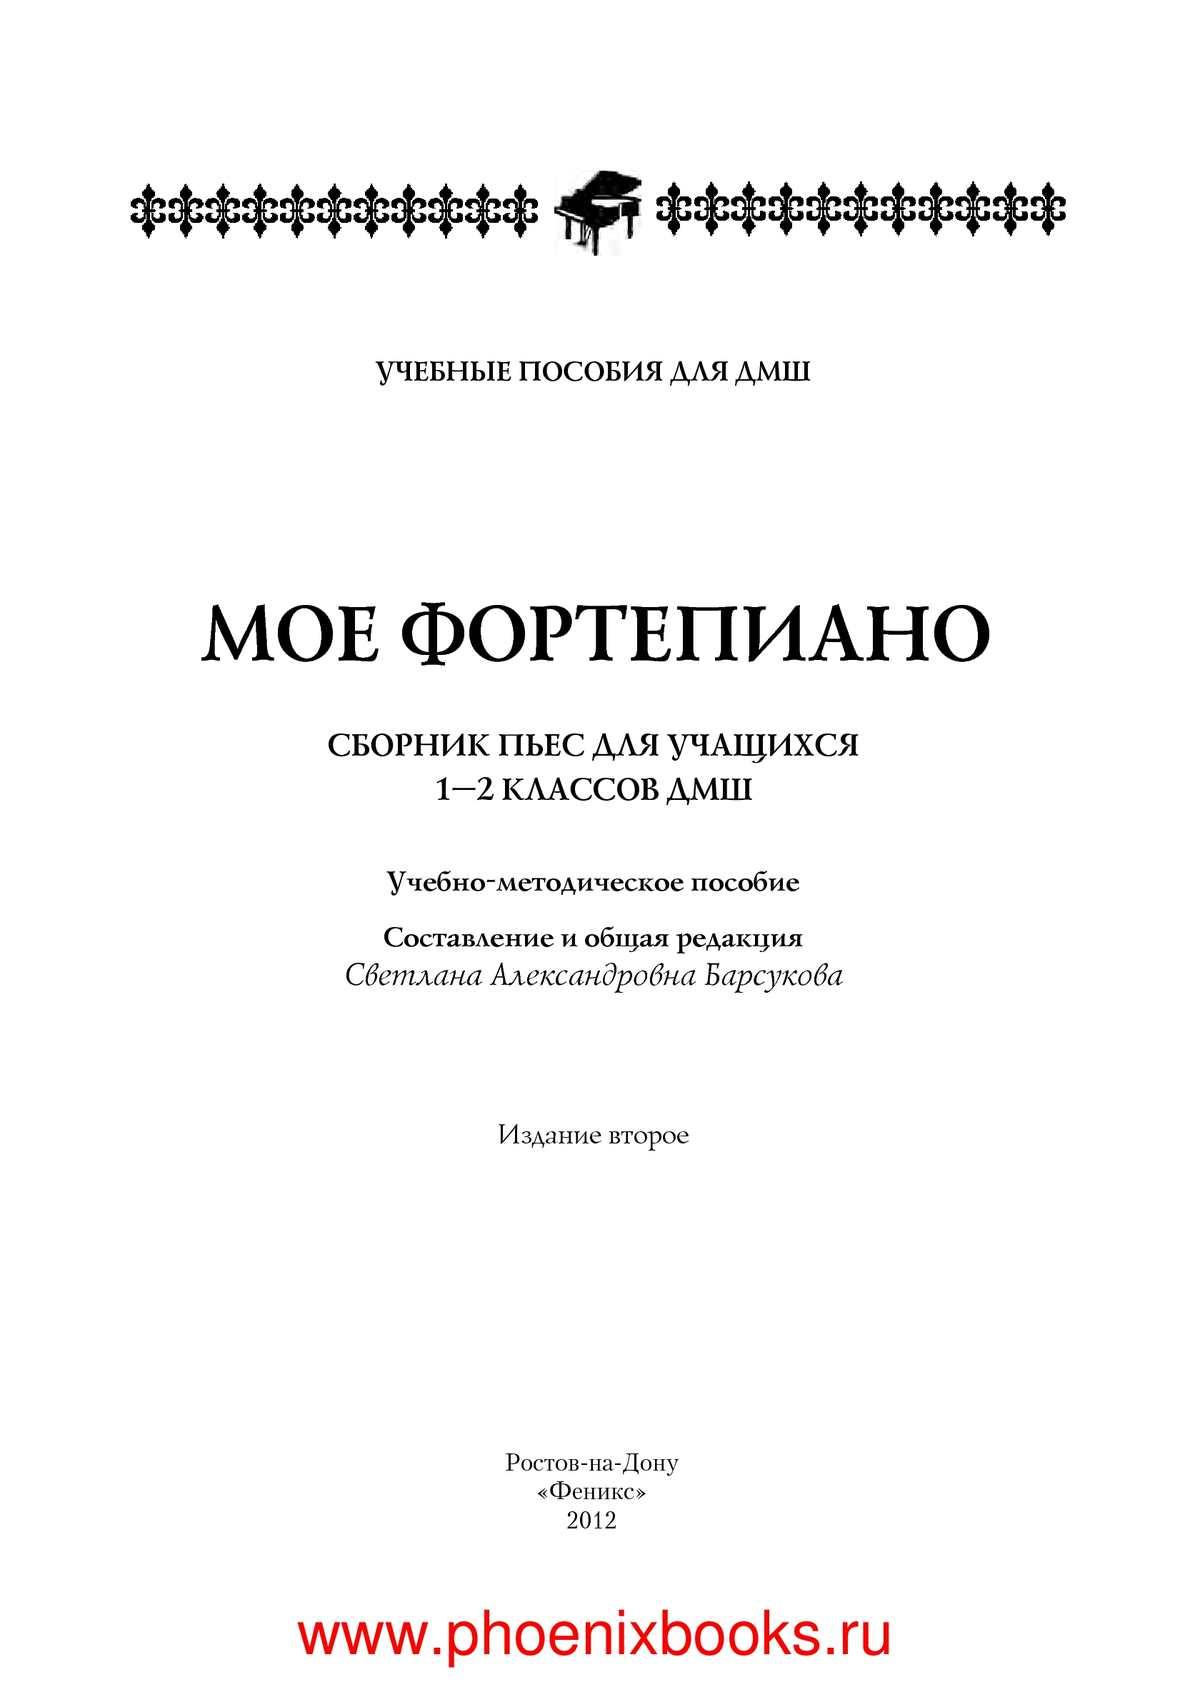 Мое фортепиано сборник пьес для учащихся 1-2 классов ДМШ www.phoenixbooks.ru